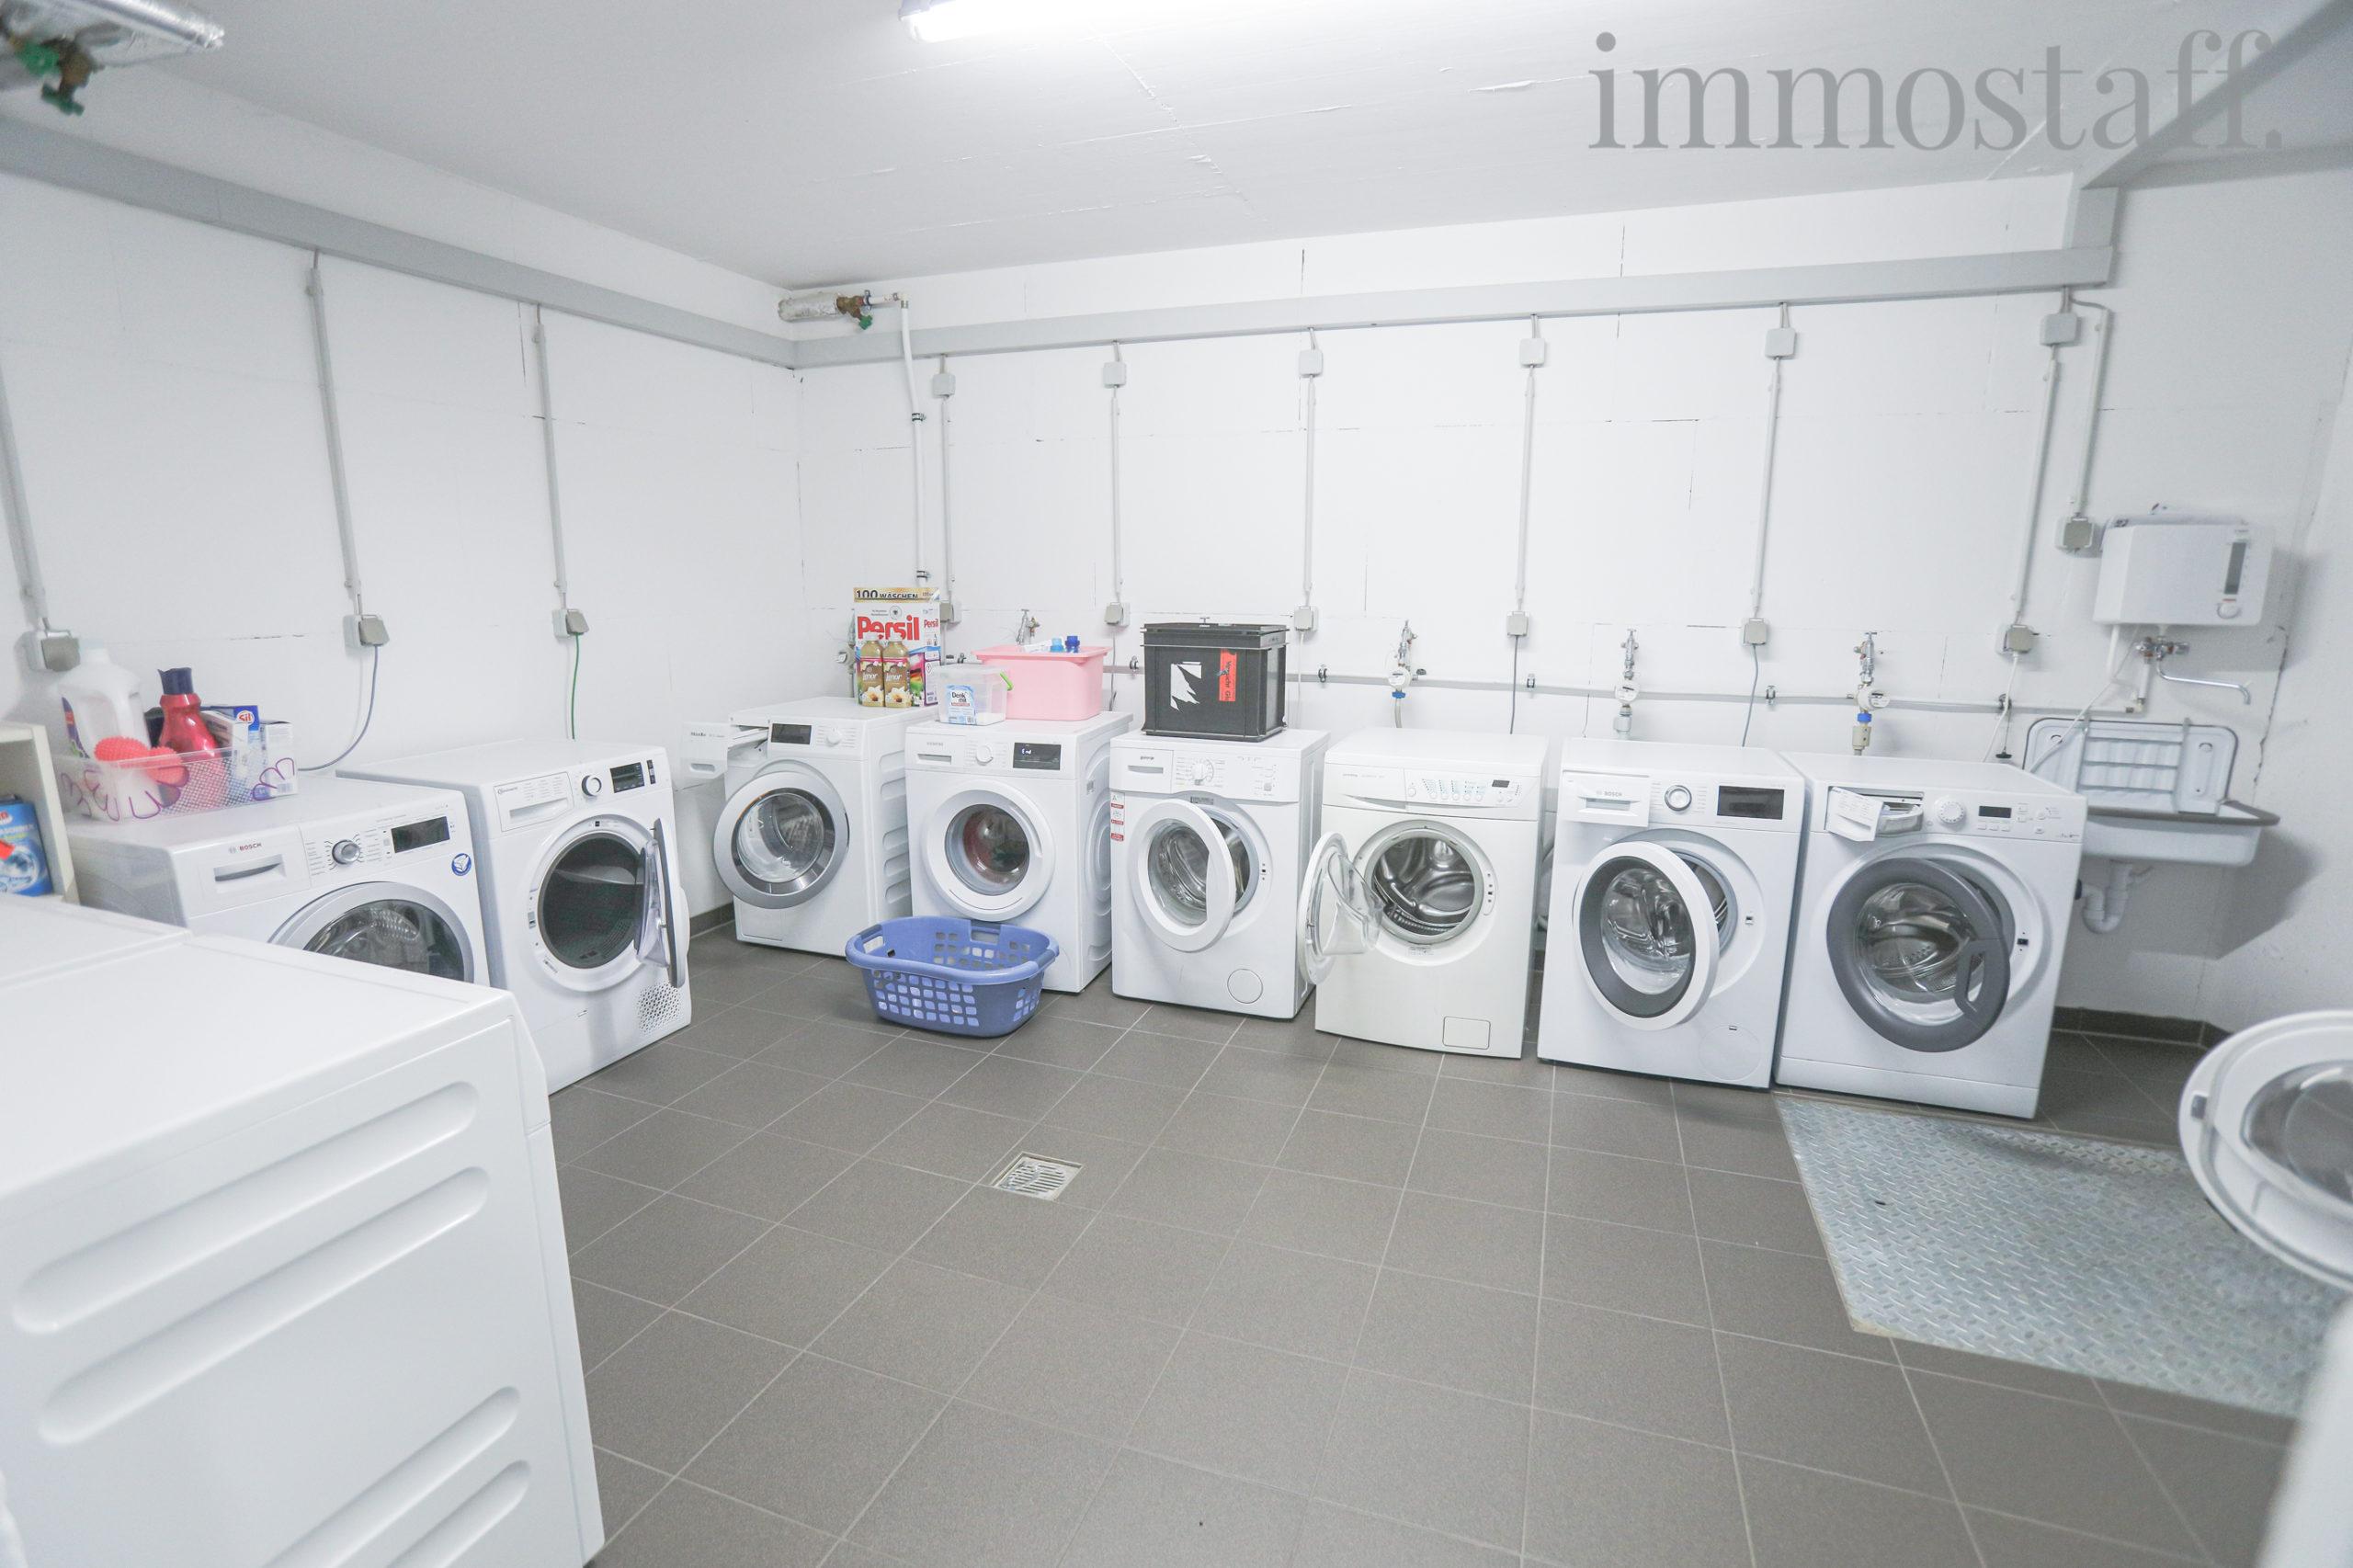 Wasch- und Trockenraum im Kellergeschoss